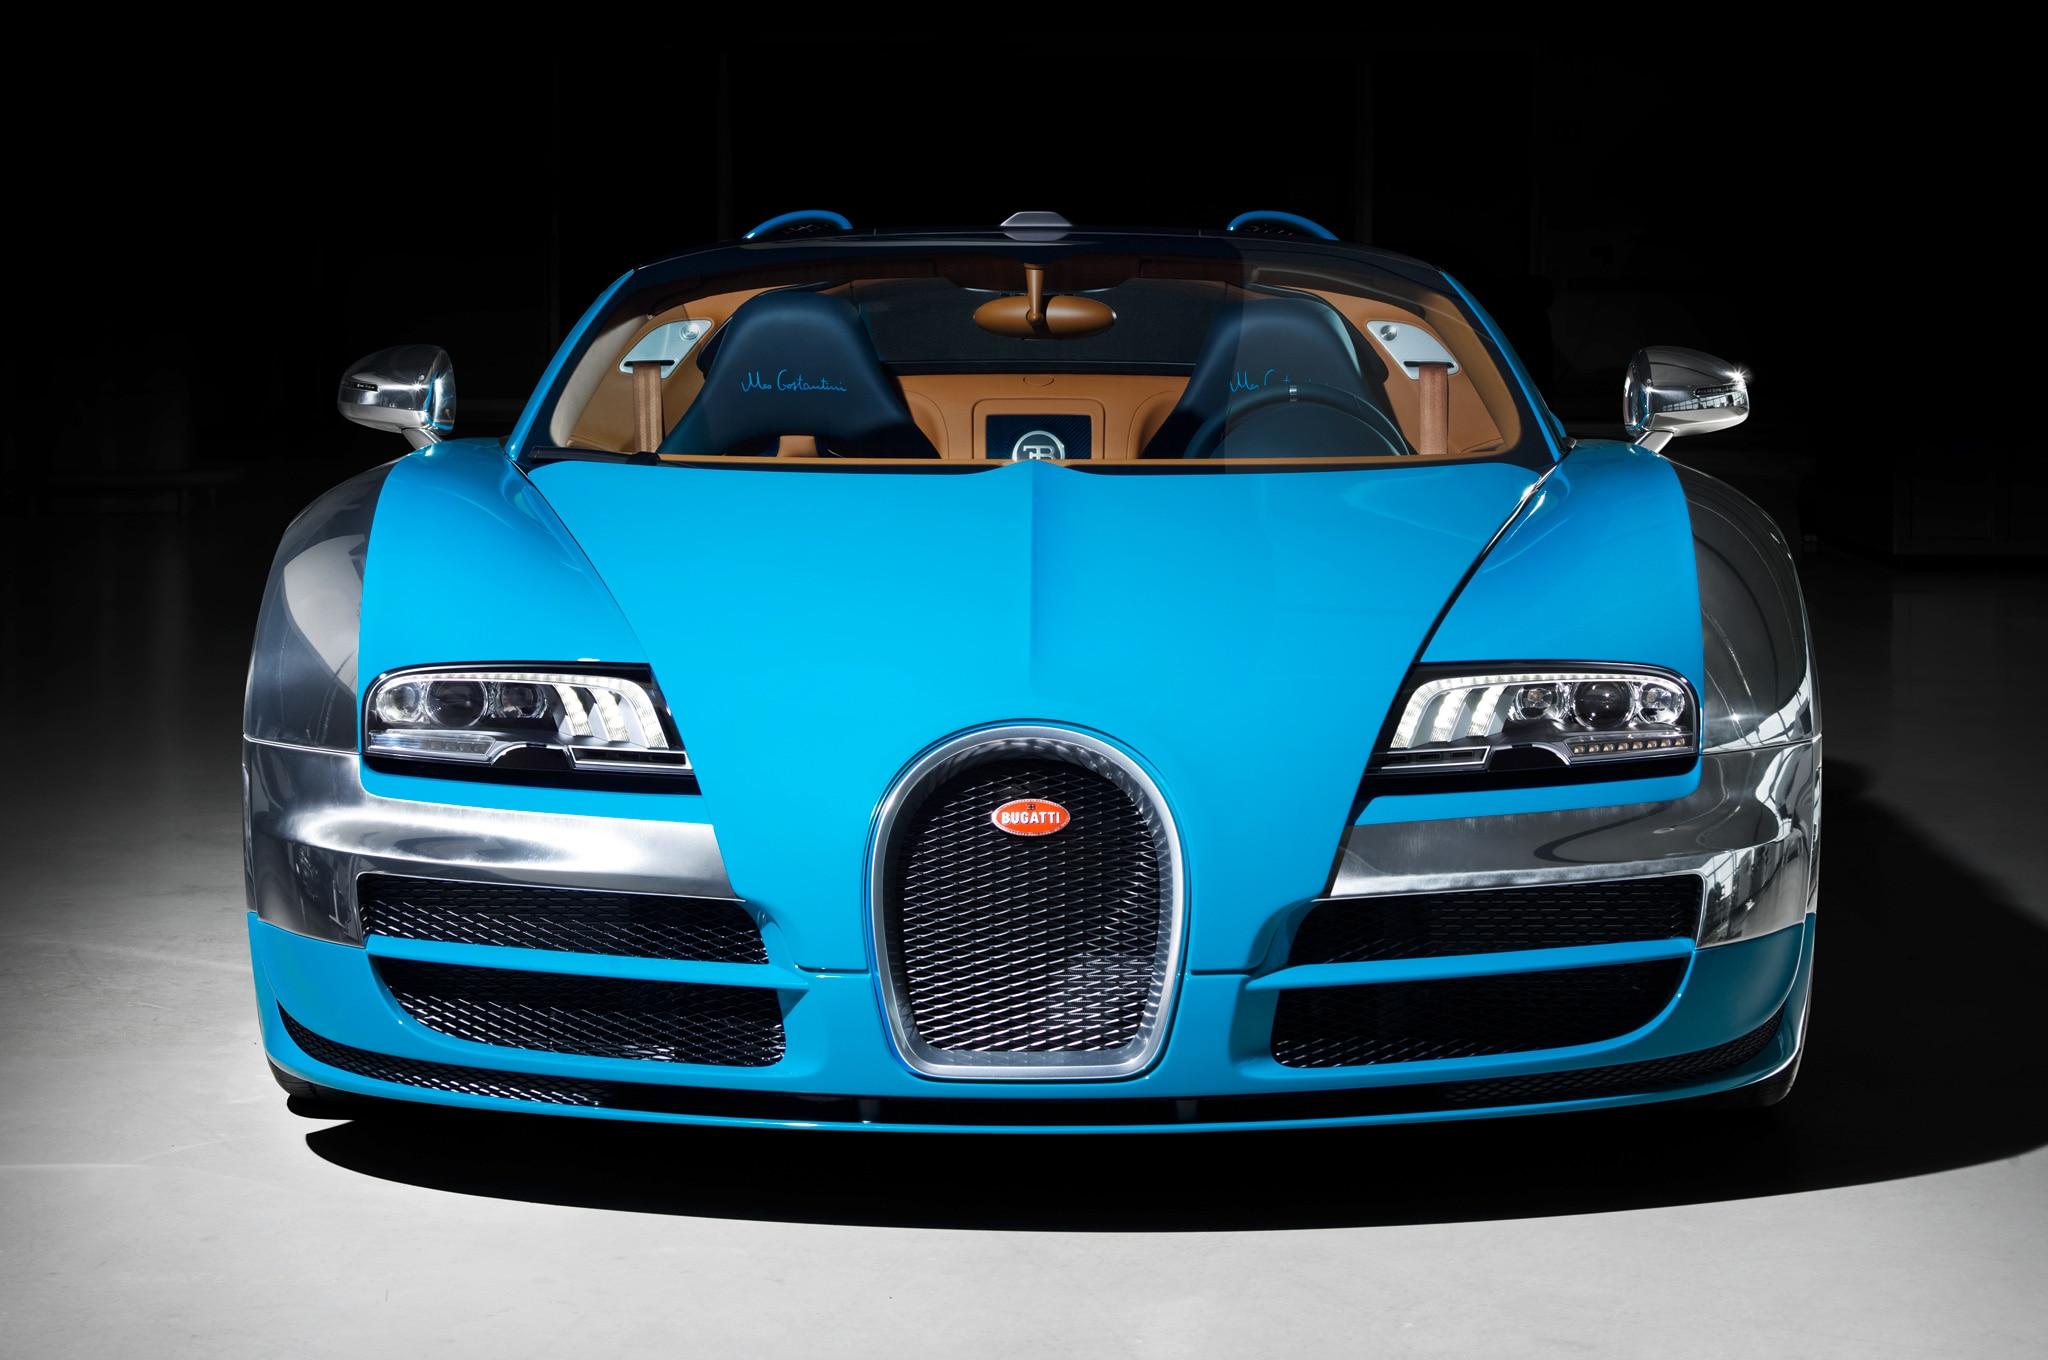 Bugattis For Sale >> New Bugatti Veyron Meo Costantini Edition Debuts In Dubai